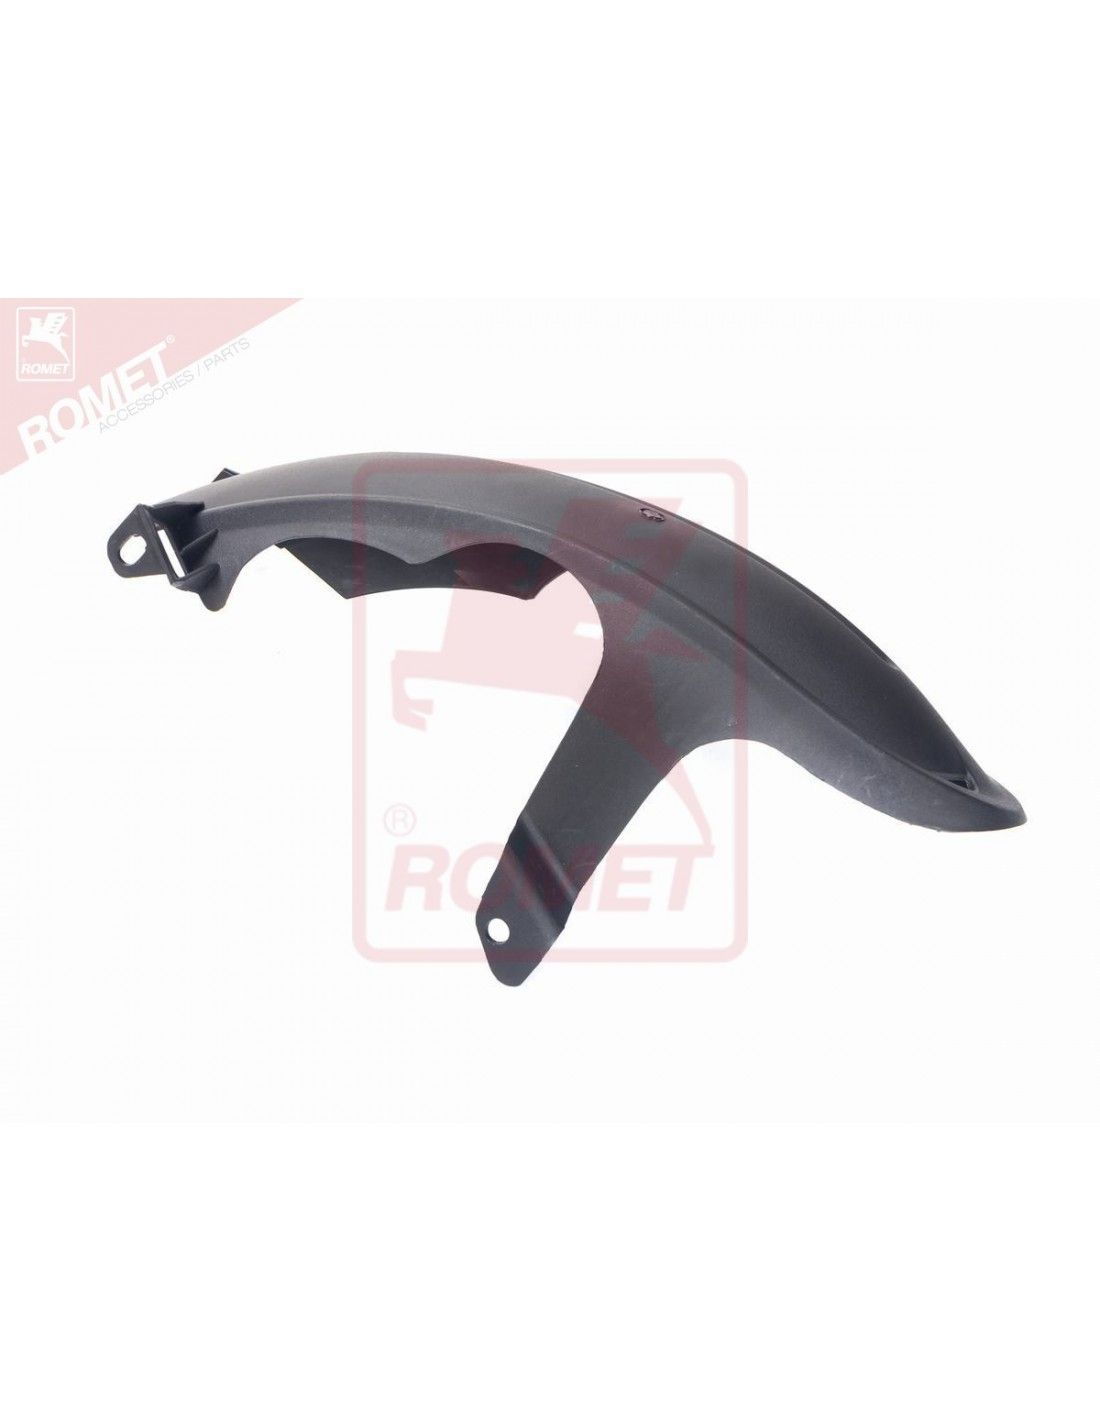 Część do skutera Romet 727 Premium 2014 - 2016 błotnik nadkole chlapacz  tył plastikowy koloru czarnego mat